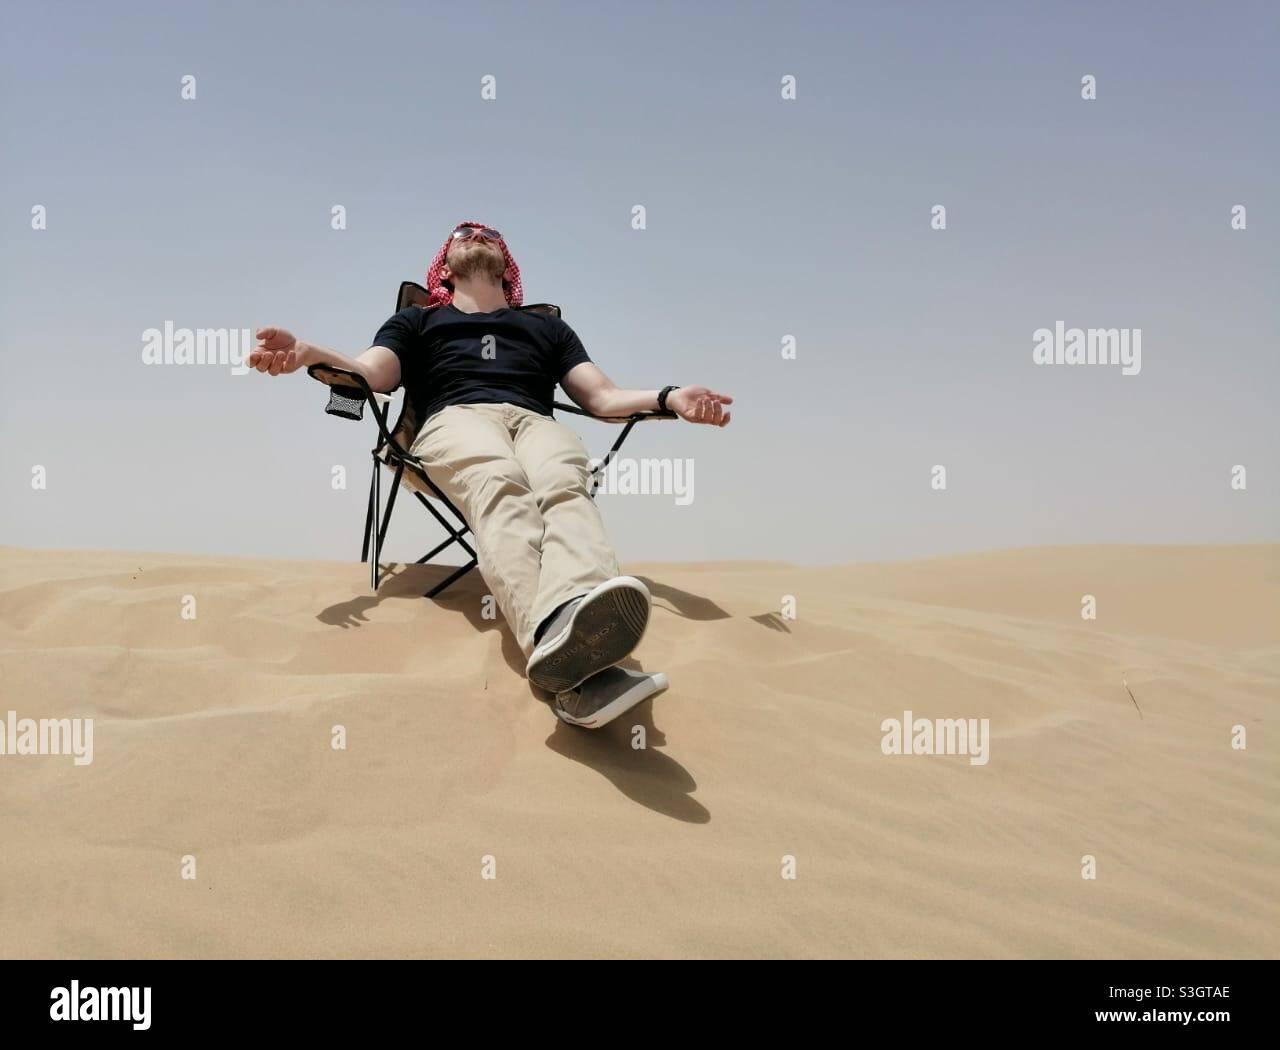 L'uomo turistico gode del sole mentre si siede su una sedia nelle dune di sabbia del deserto a Dubai, Emirati Arabi Uniti. Foto Stock